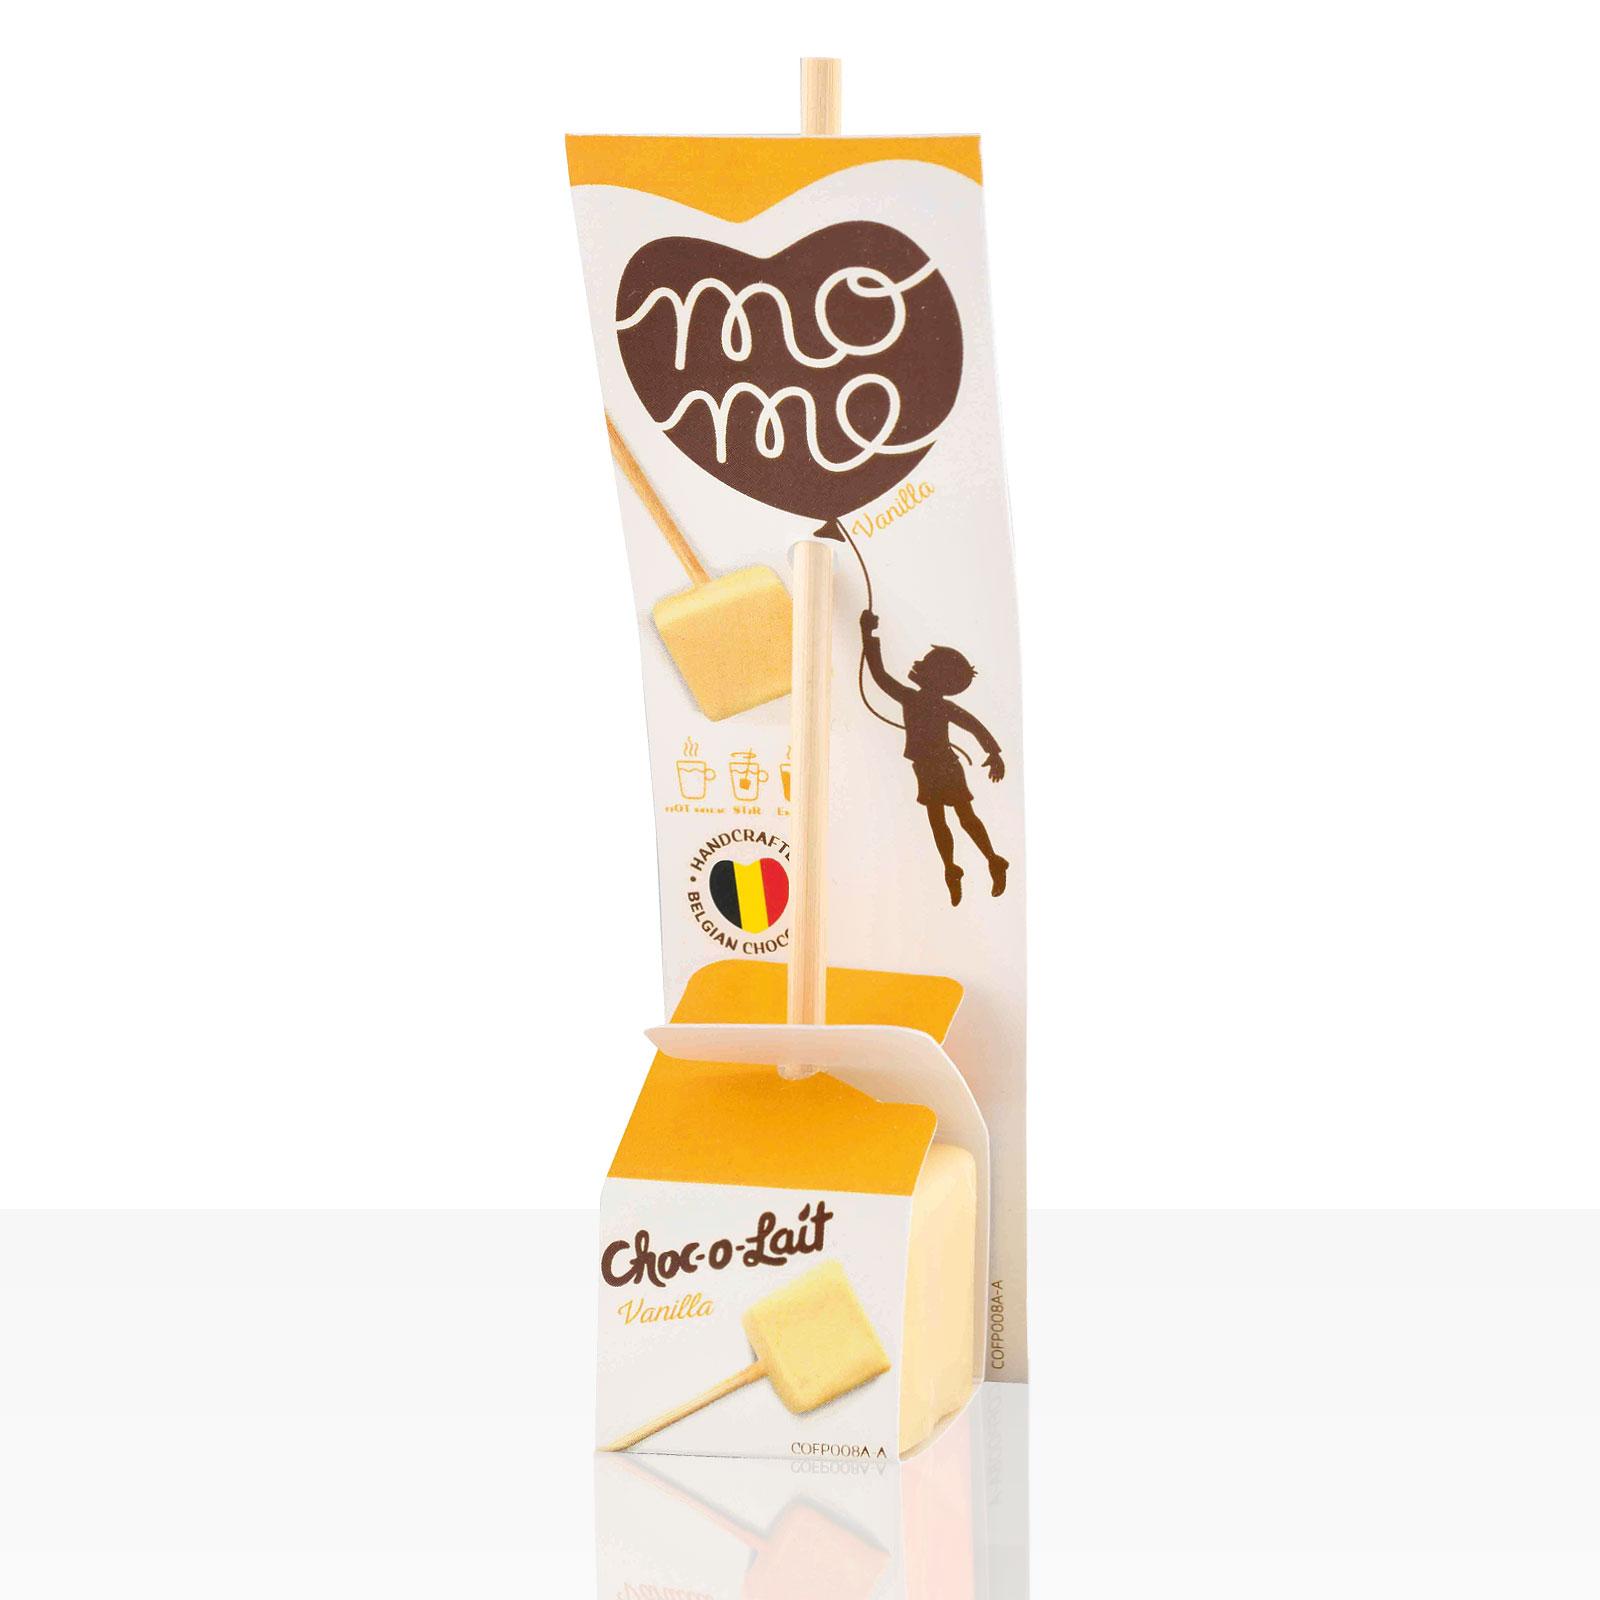 Choc-o-lait Trinkschokolade am Stiel Vanilla im Displaykarton 24Stk